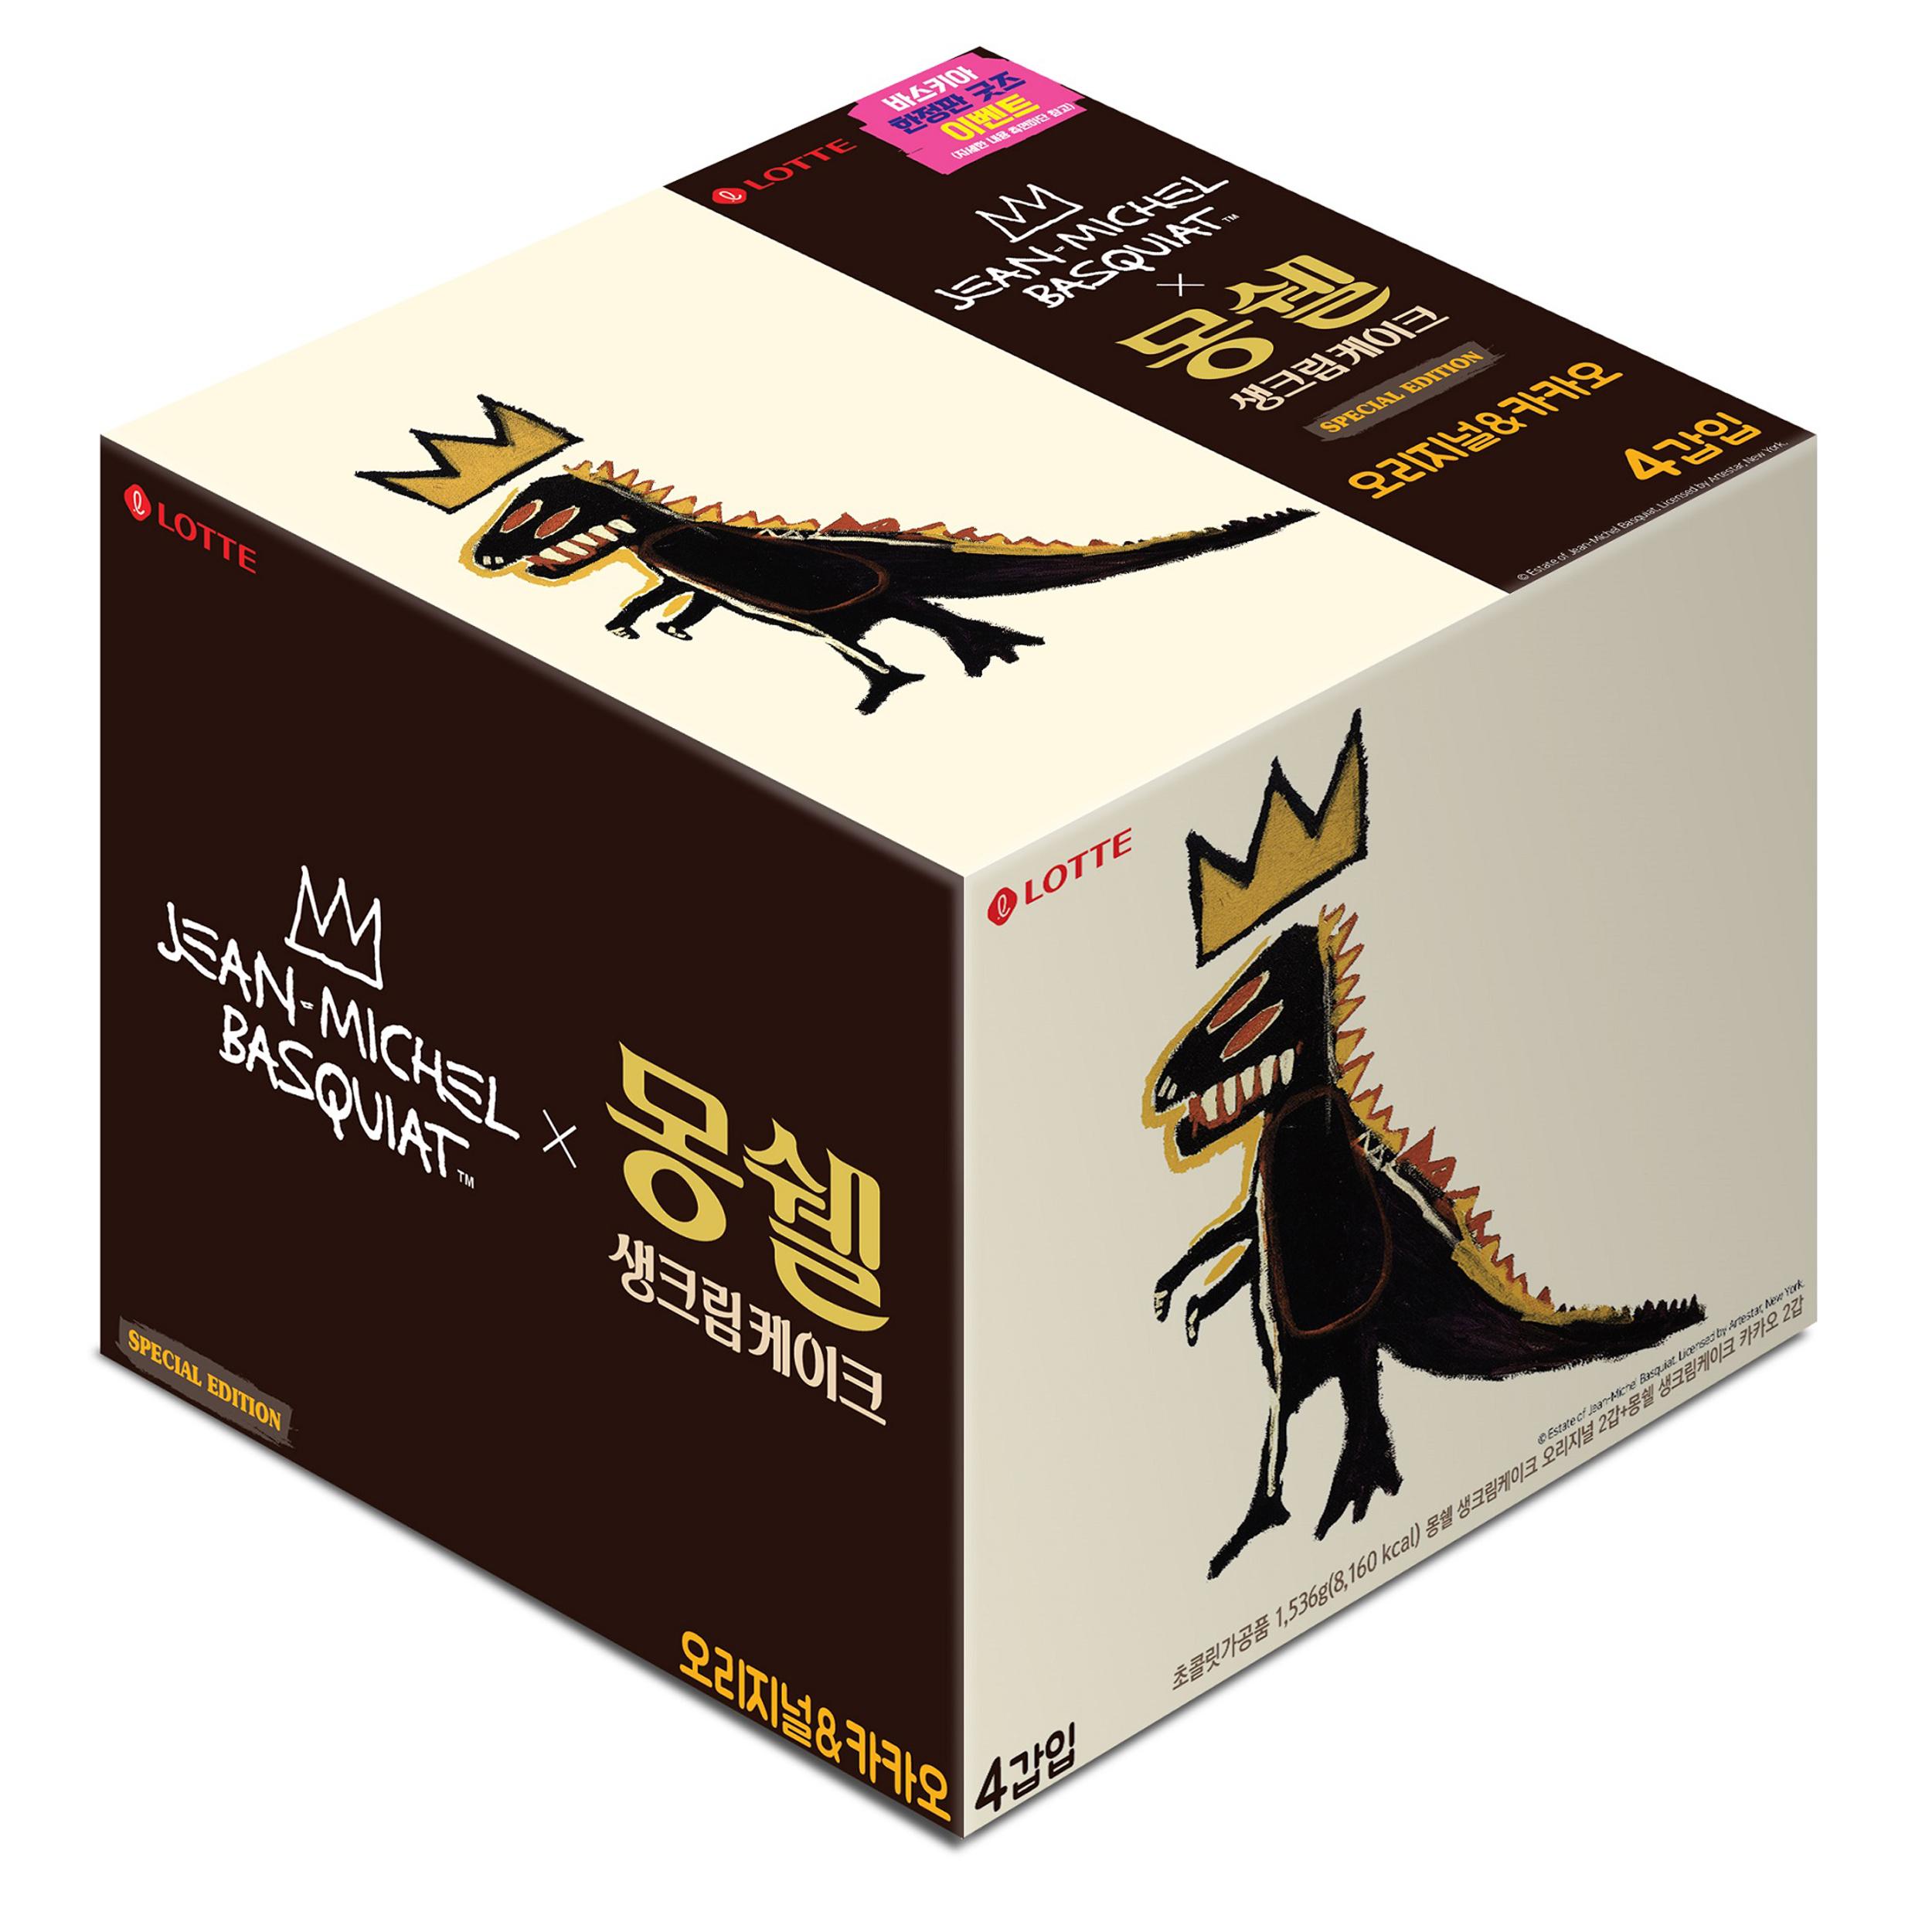 롯데제과 몽쉘 바스키아 기획패키지 생크림케이크 오리지널 384g x 2p + 생크림케이크 카카오 384g x 2p, 1세트